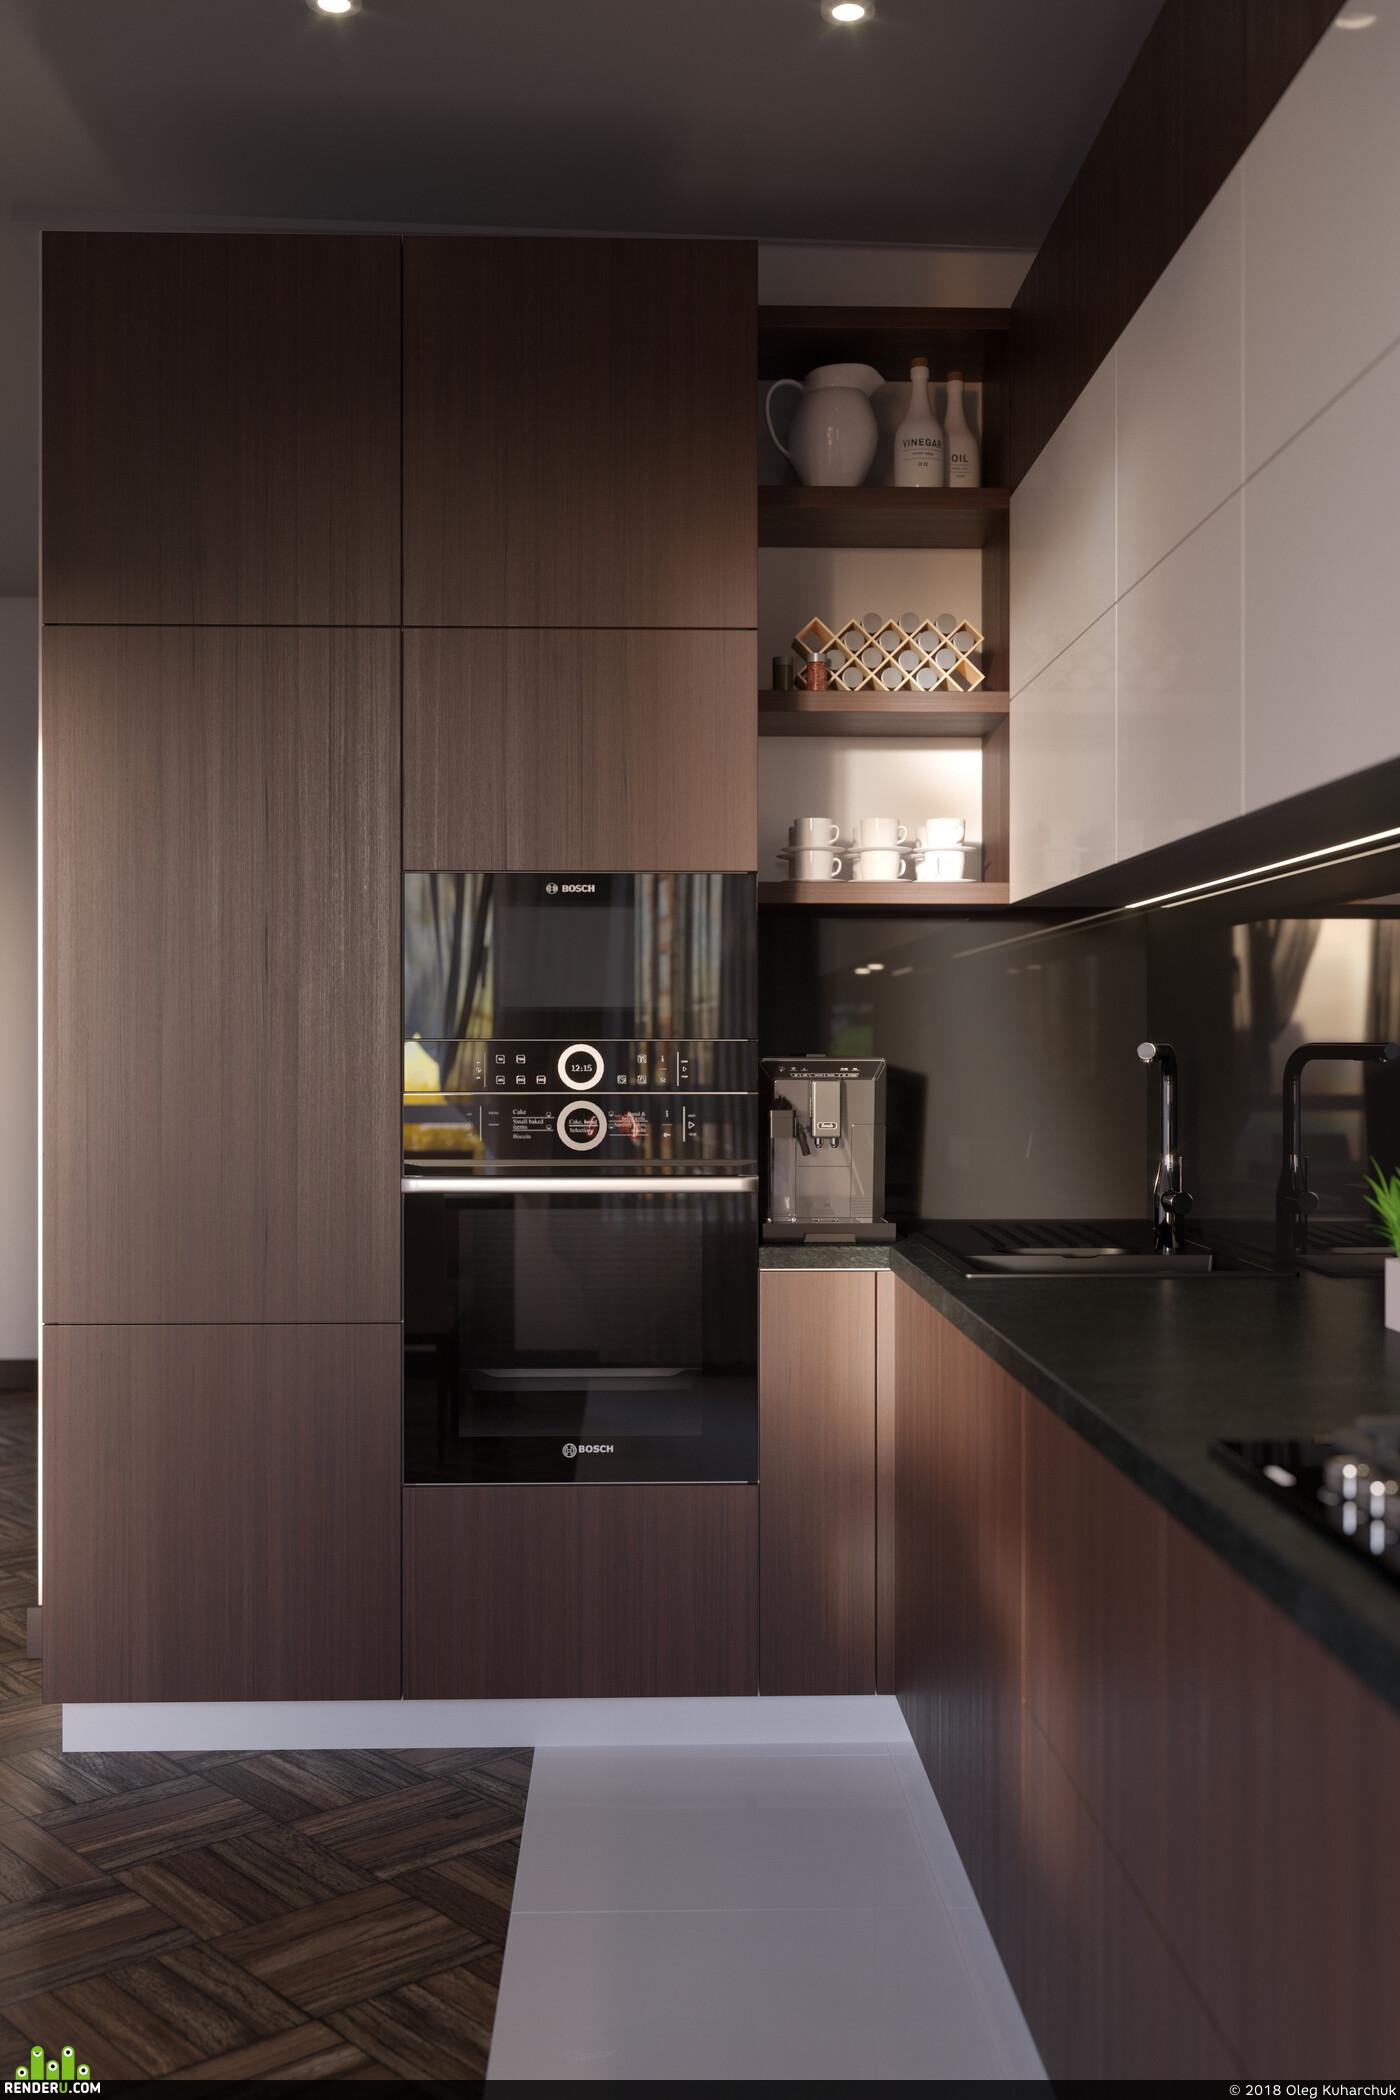 дизайн, дизайн интерьера, дизайн кухни, кухня